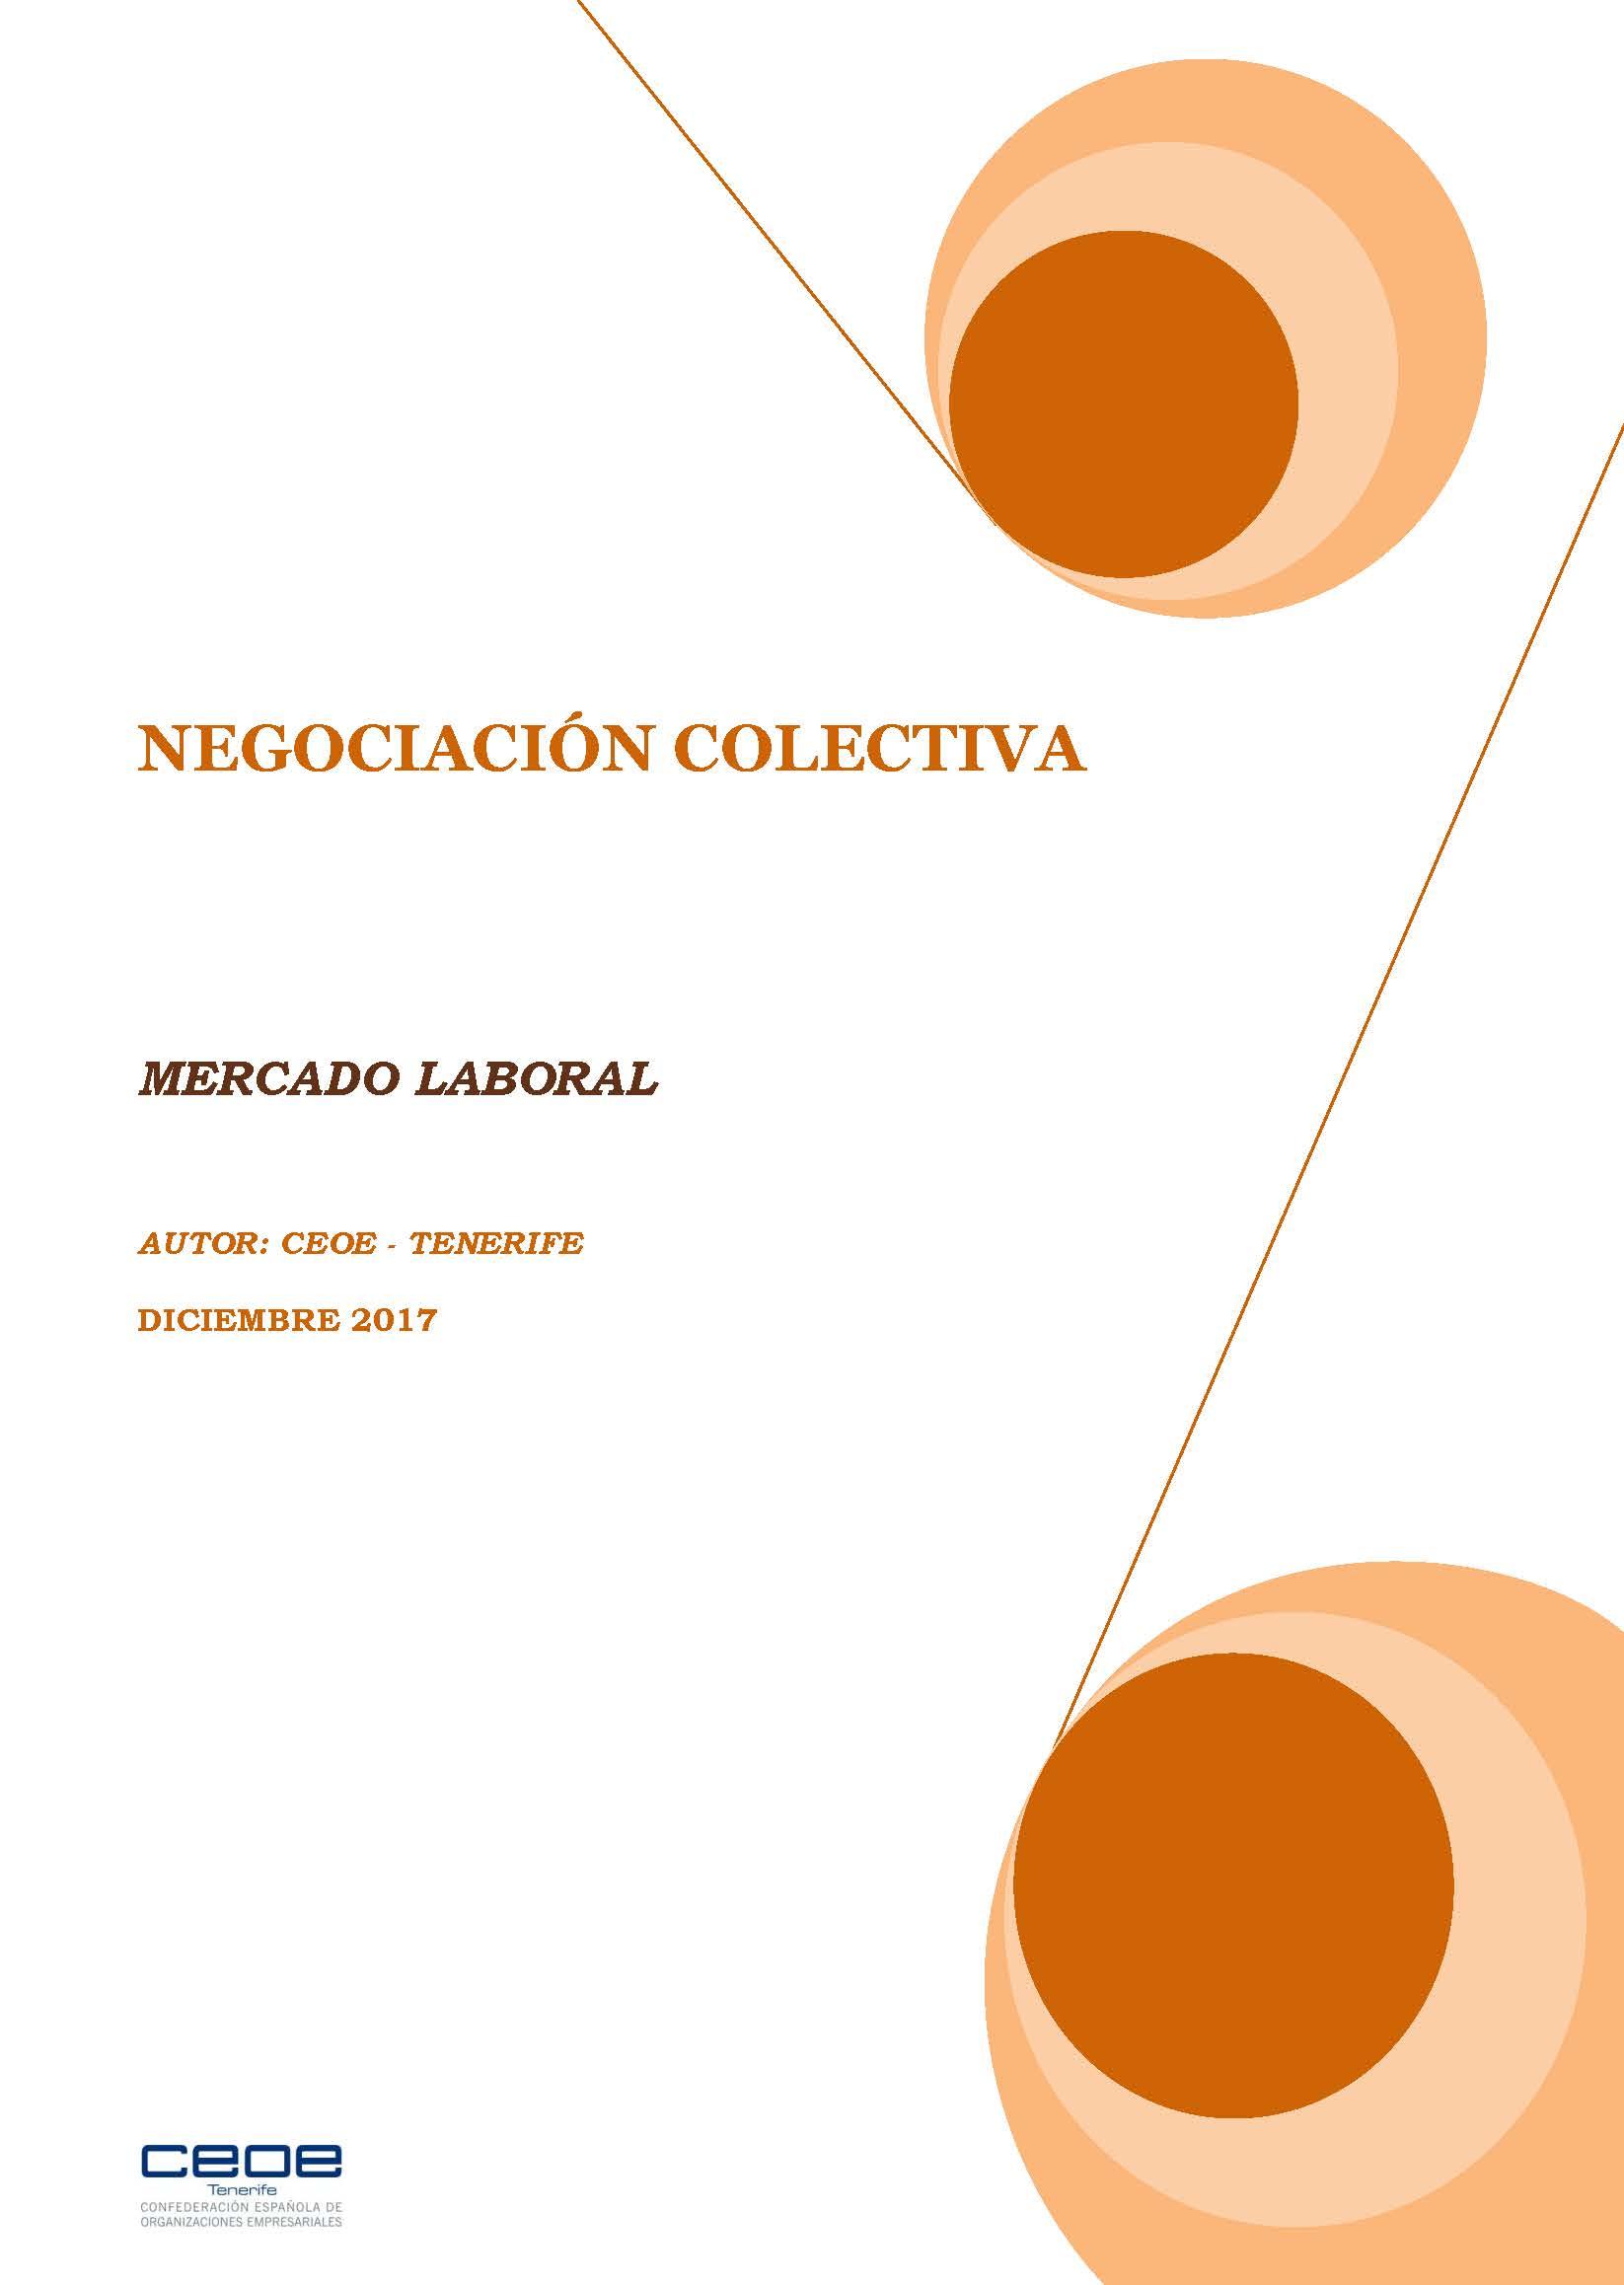 MERCADO LABORAL - NEGOCIACION COLECTIVA DICIEMBRE 2017